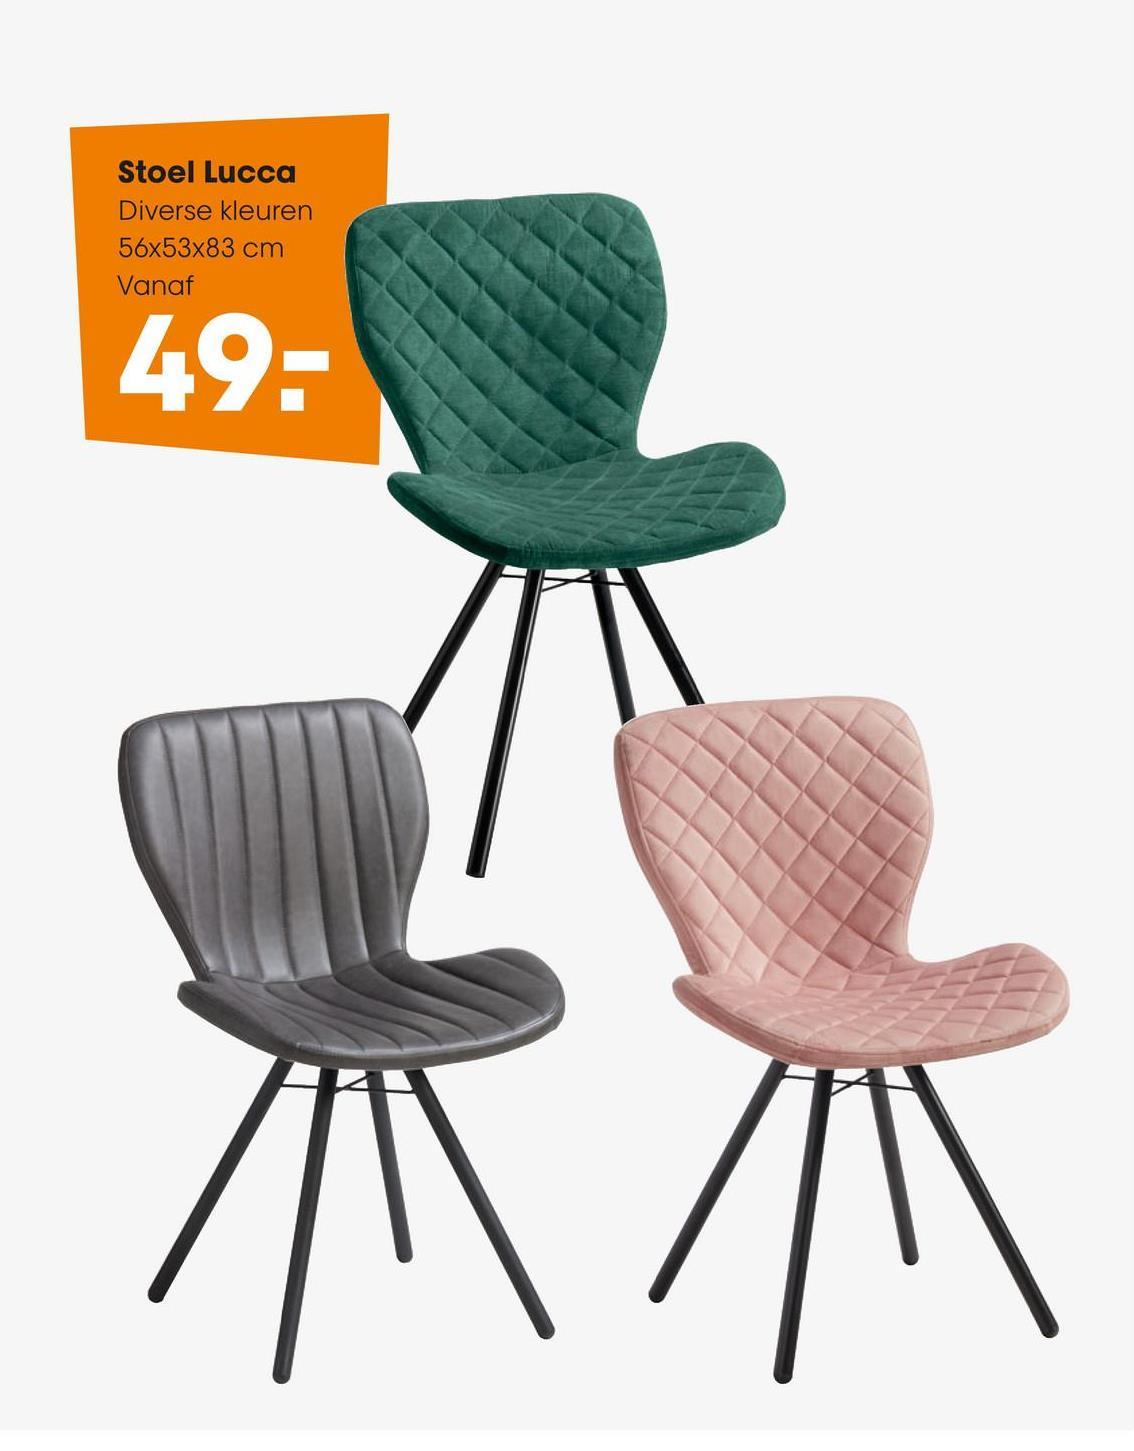 Stoel Lucca Grijs Comfortabele stoel grijs met zwart metalen onderstel. 53x56x83 cm (lxbxh).